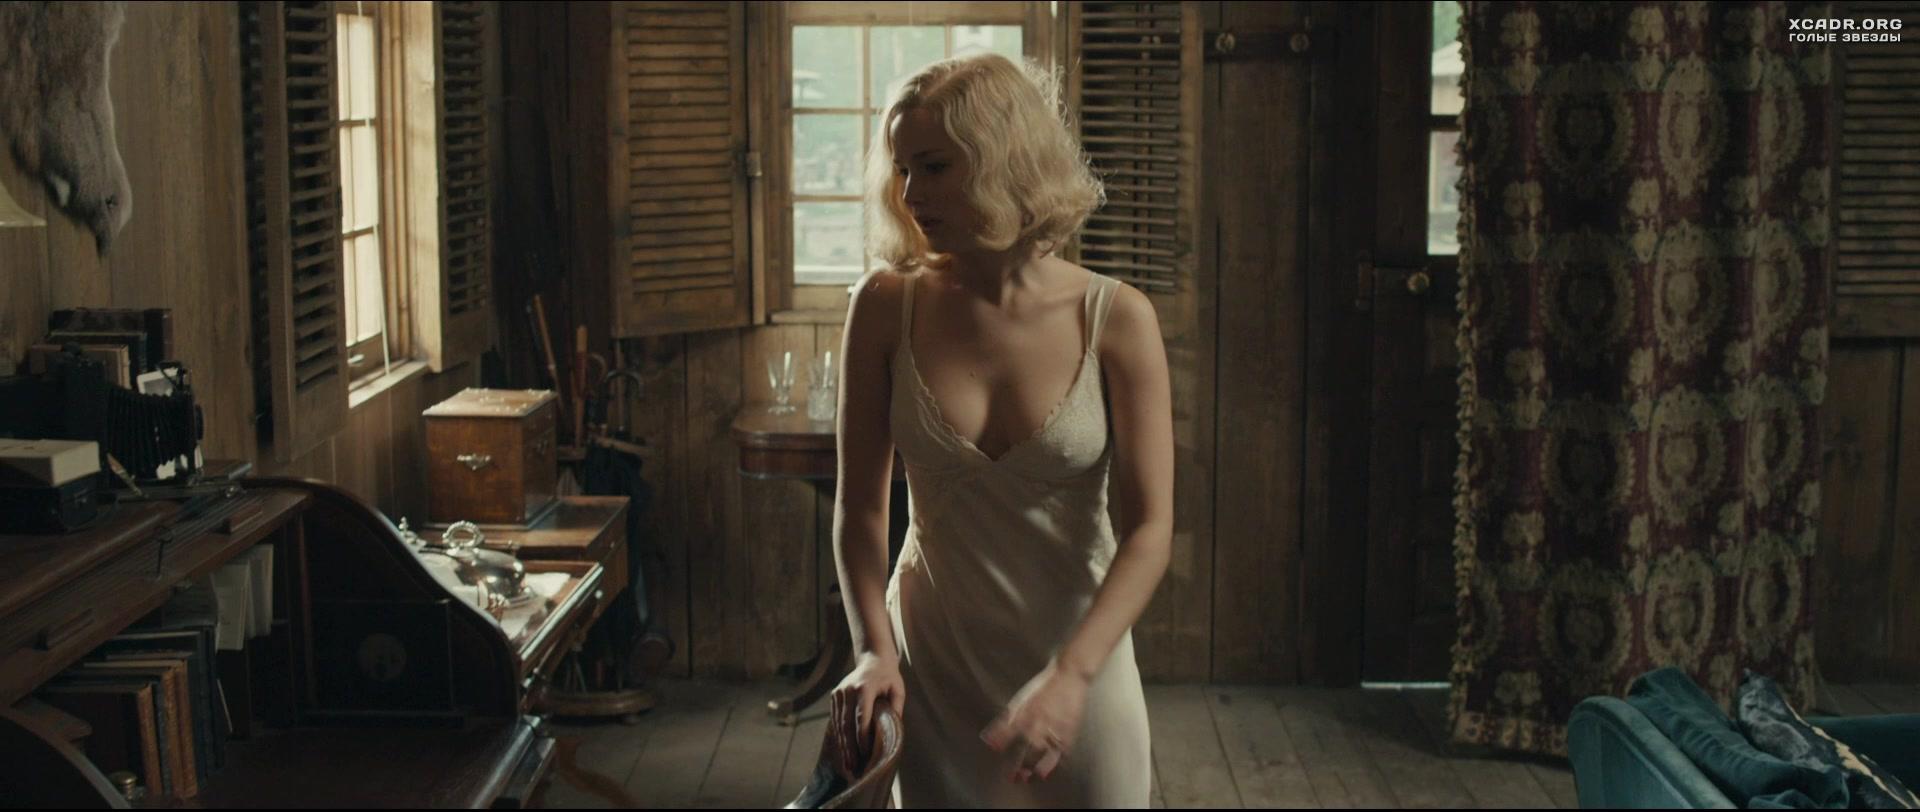 Онлайн фильмы голые бабы, огромные сиськи в лифчике видео